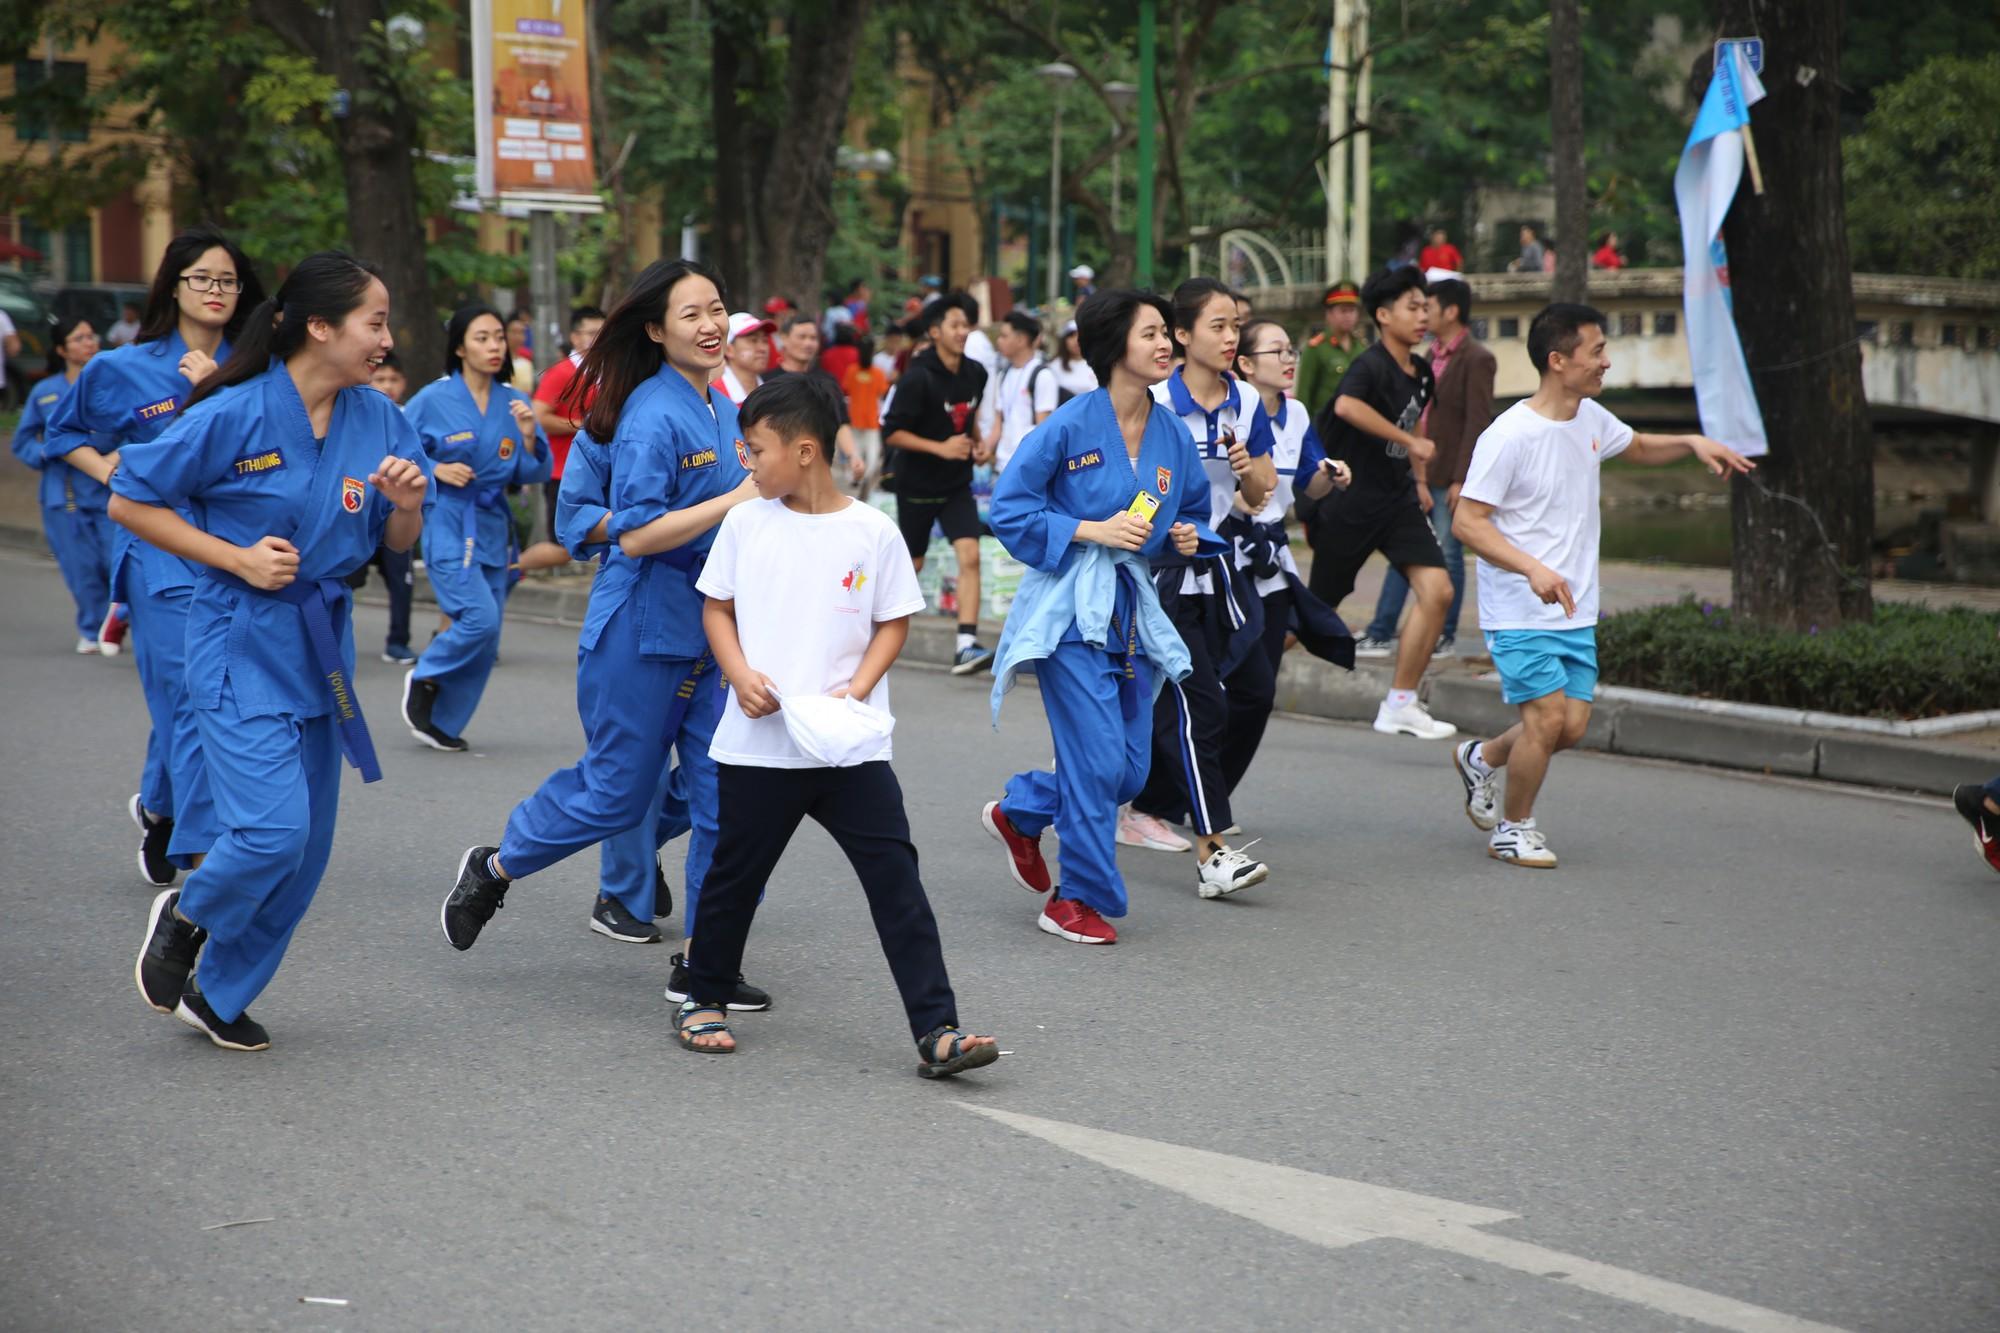 Chạy vì trẻ em Hà Nội 2018 thu hút hàng nghìn người tham dự, quyên góp hơn 1 tỷ đồng - Ảnh 15.